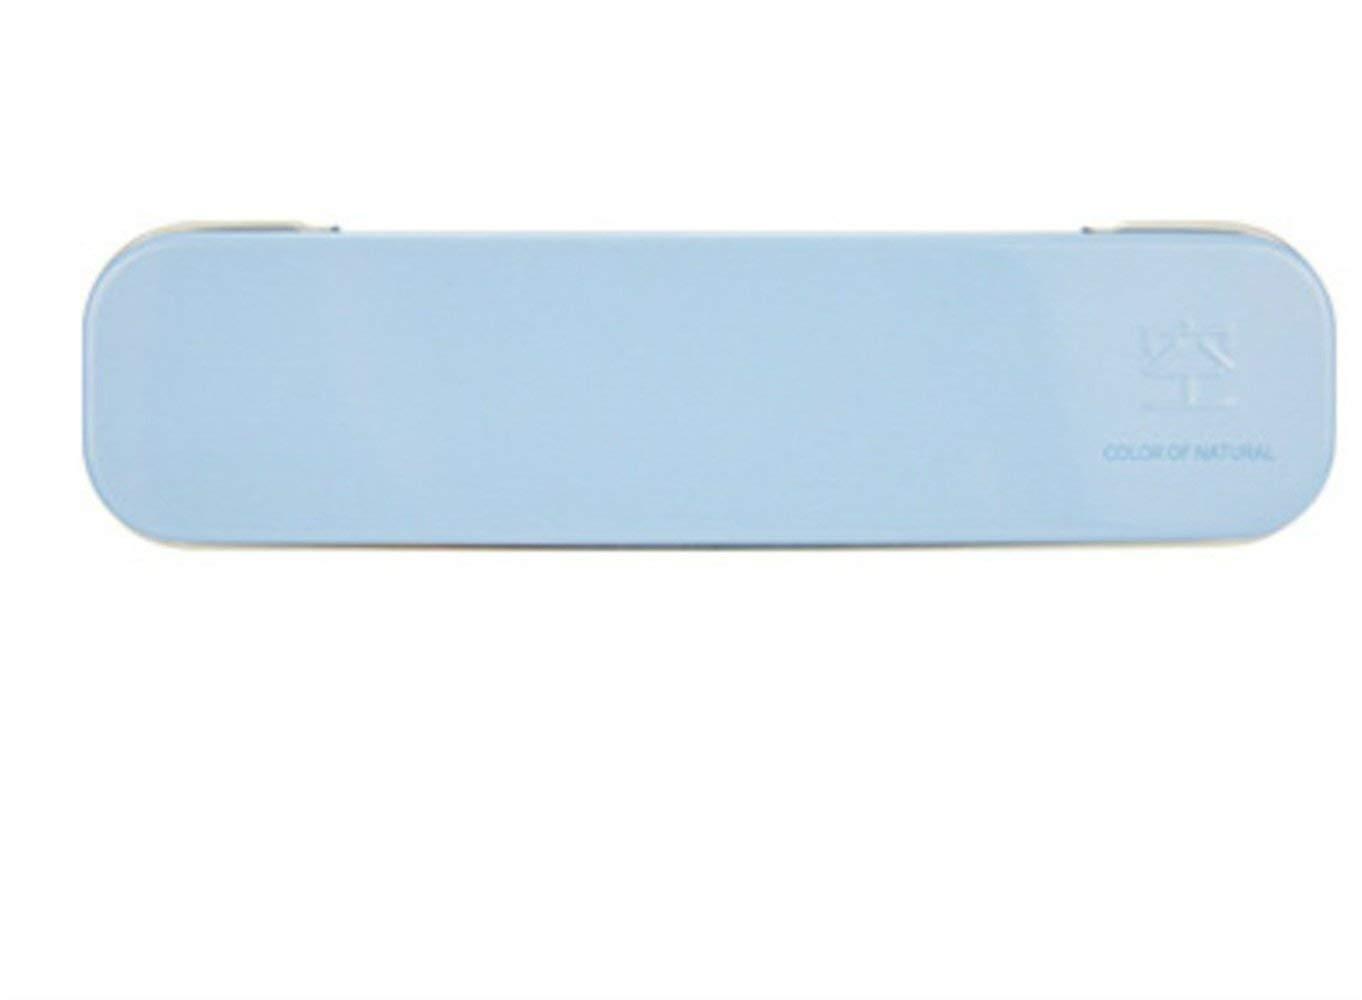 HUAIX Home Schreibwaren Zubehör Federmäppchen Einfache Metall Metall Metall Kind Student Kollisionsvermeidung Stift Box Federtaschen B07MF1TDTJ | Kostengünstiger  c9c1b0